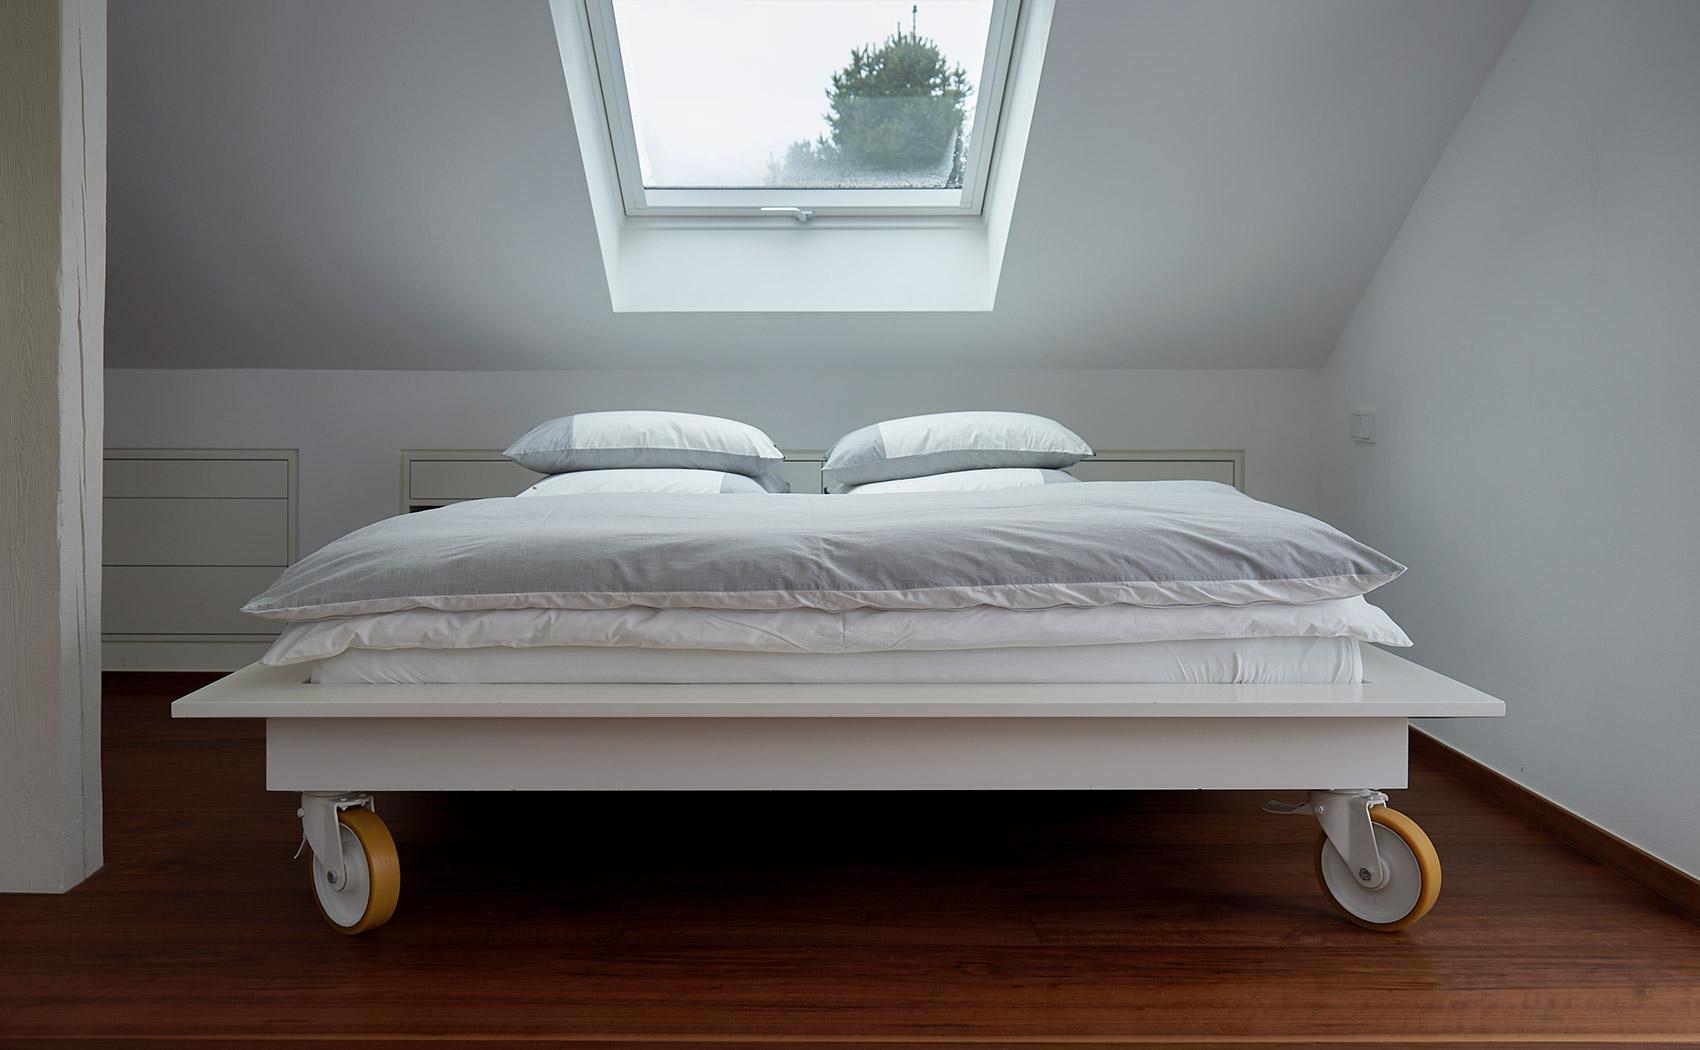 Bett weiß lackiert - verstaubar in der Dachschräge